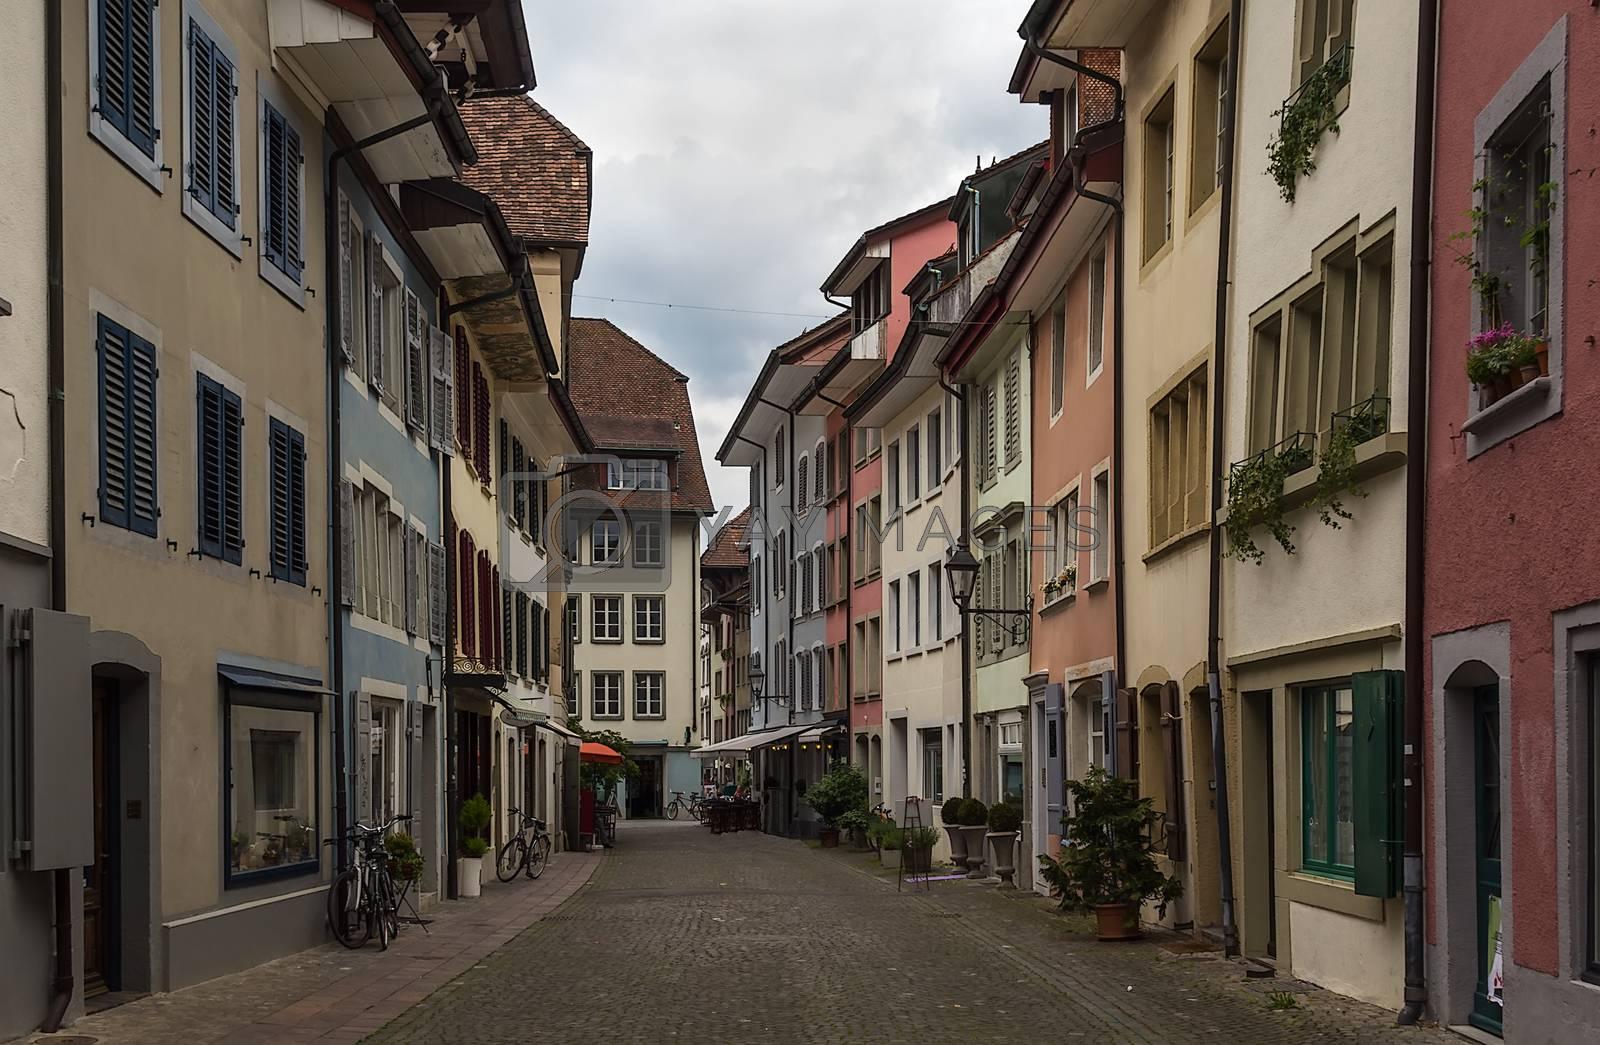 Aarau, Switzerland  by borisb17